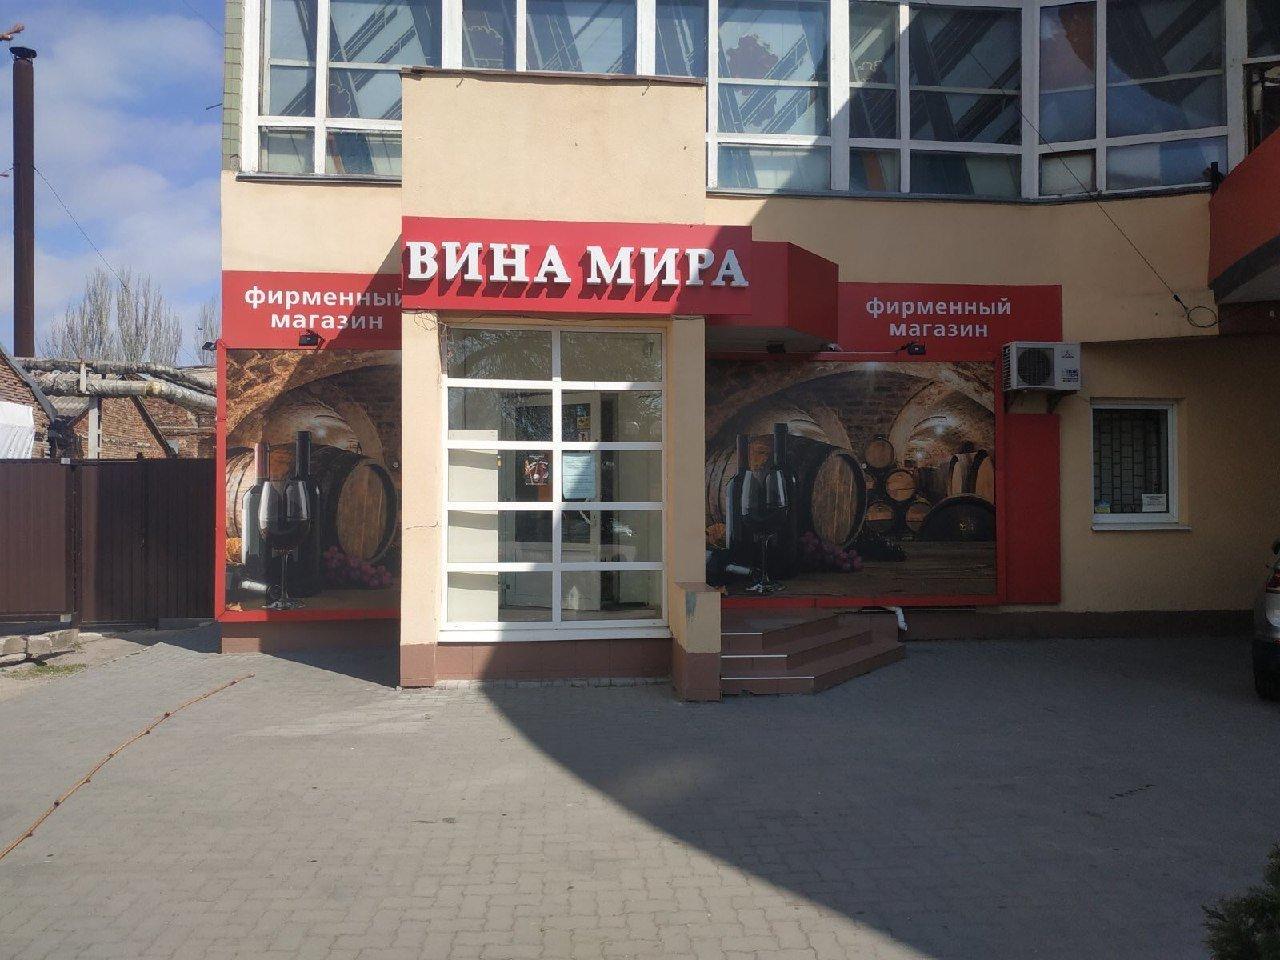 Помощник для путешественников - гид по Бердянску!, фото-53